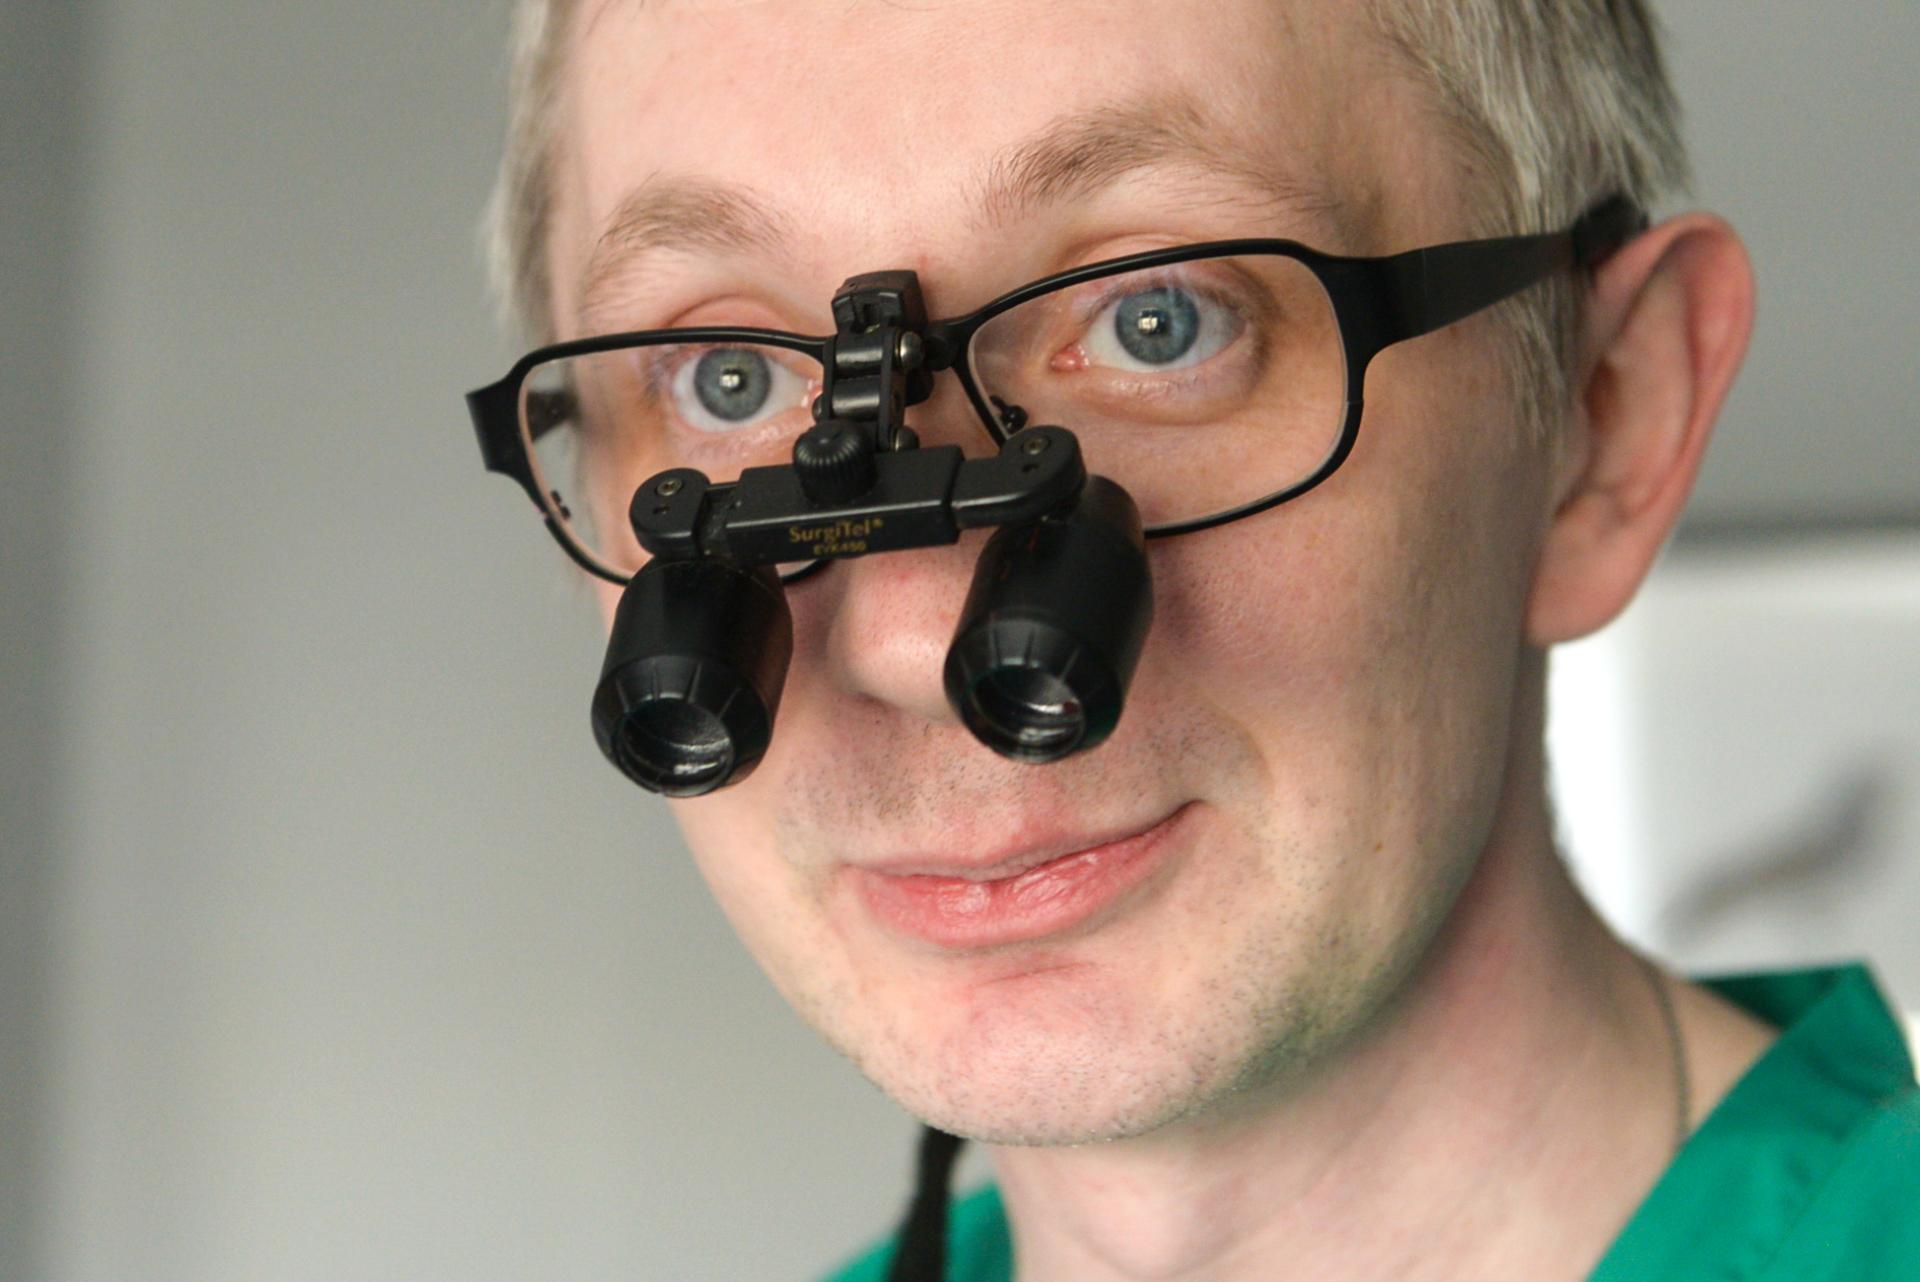 Во время операций Константин Казанцев использует специальные очки (телескоп). Они дают увеличение в 4,5 раза